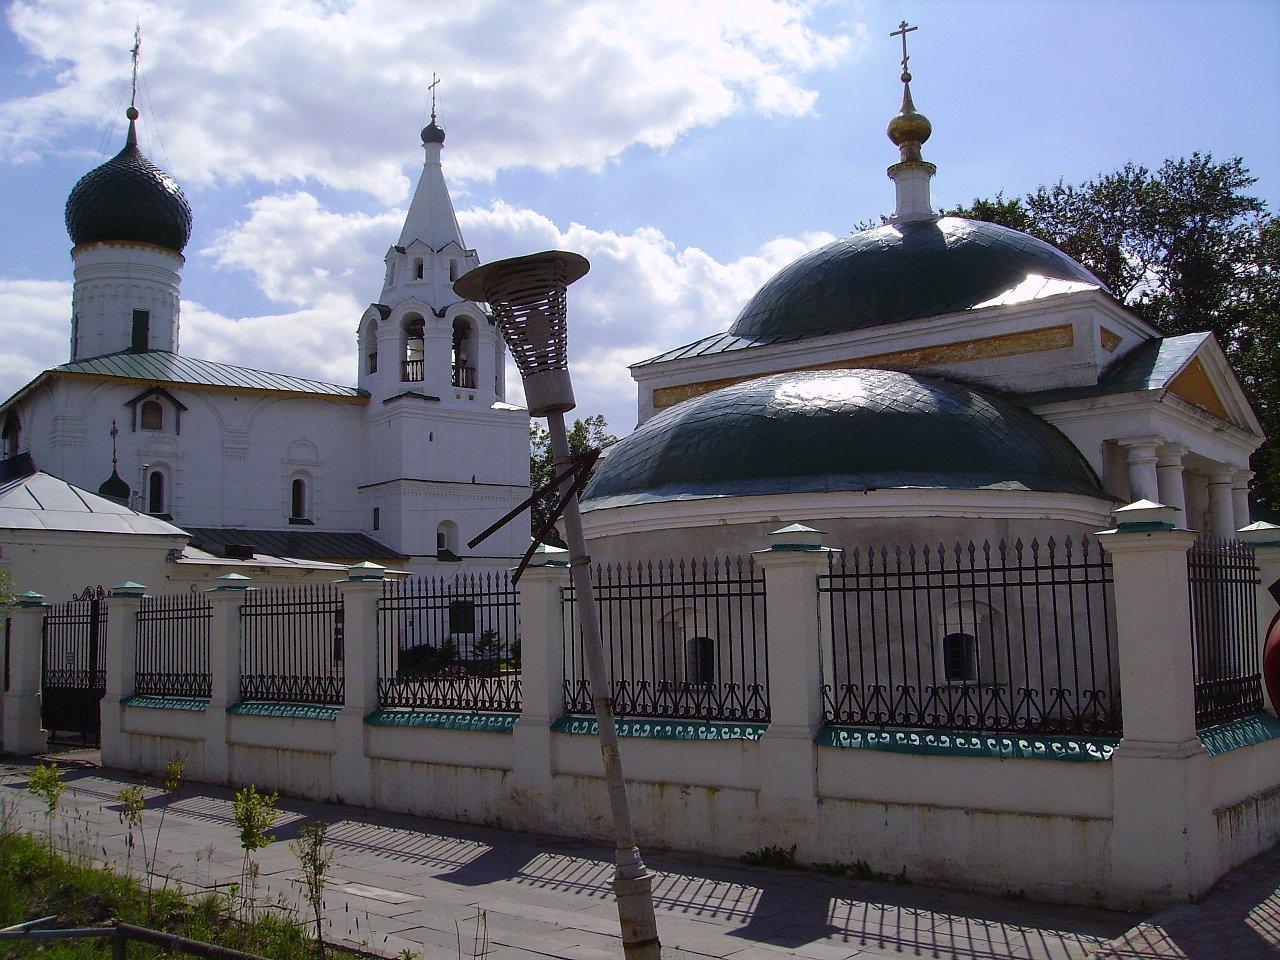 Фотогалерея Храма Дмитрия Солунского